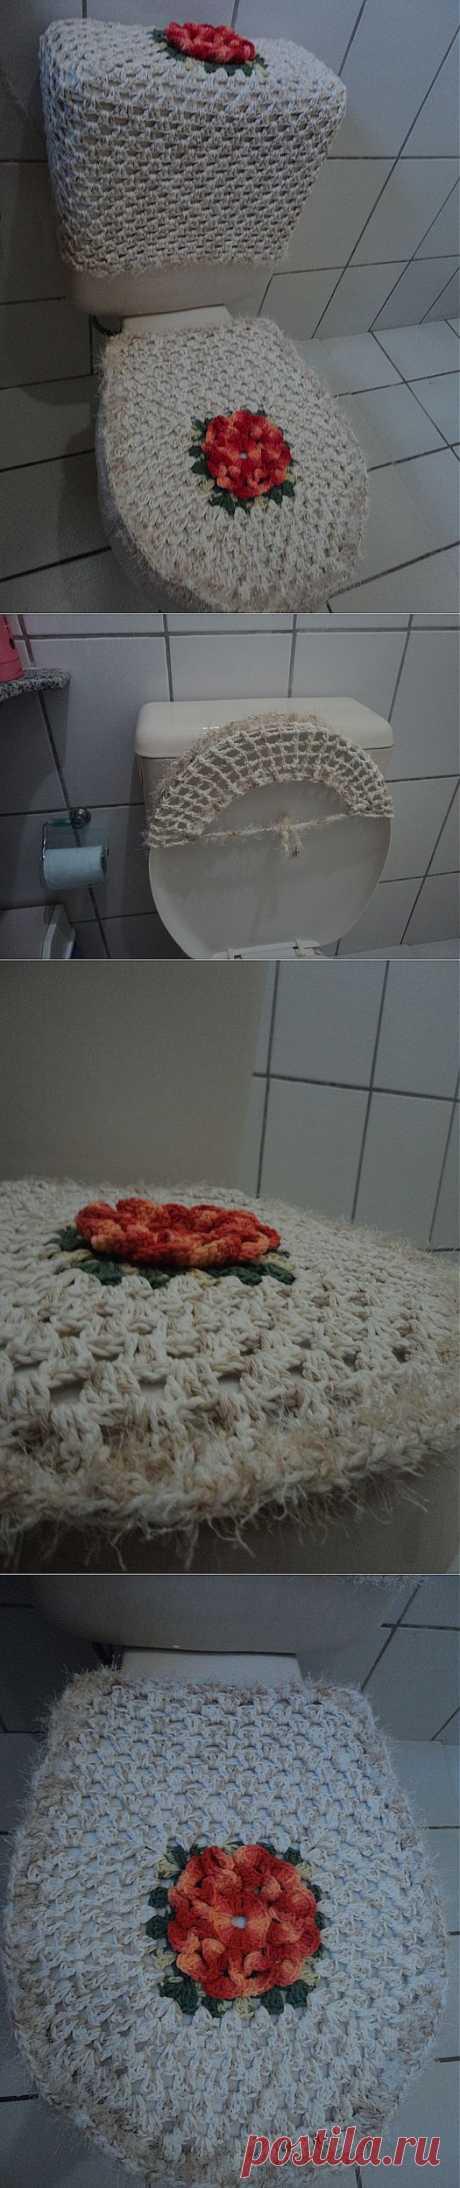 Создаем уют в туалетной комнате.